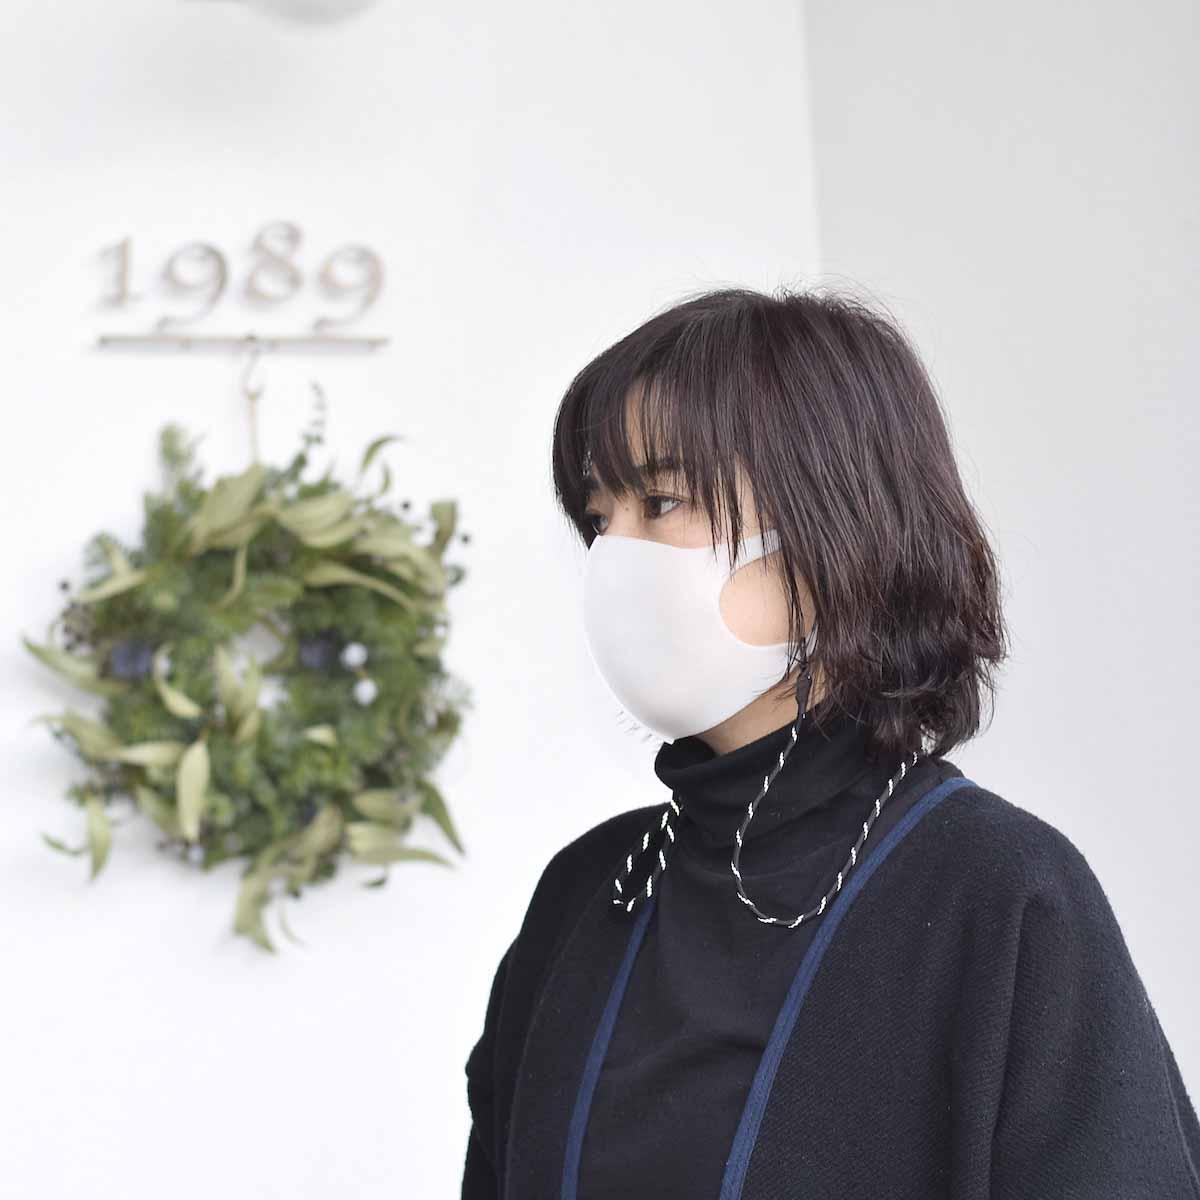 吉岡衣料店 / Mask Code. (Black Reflect)着用イメージ2